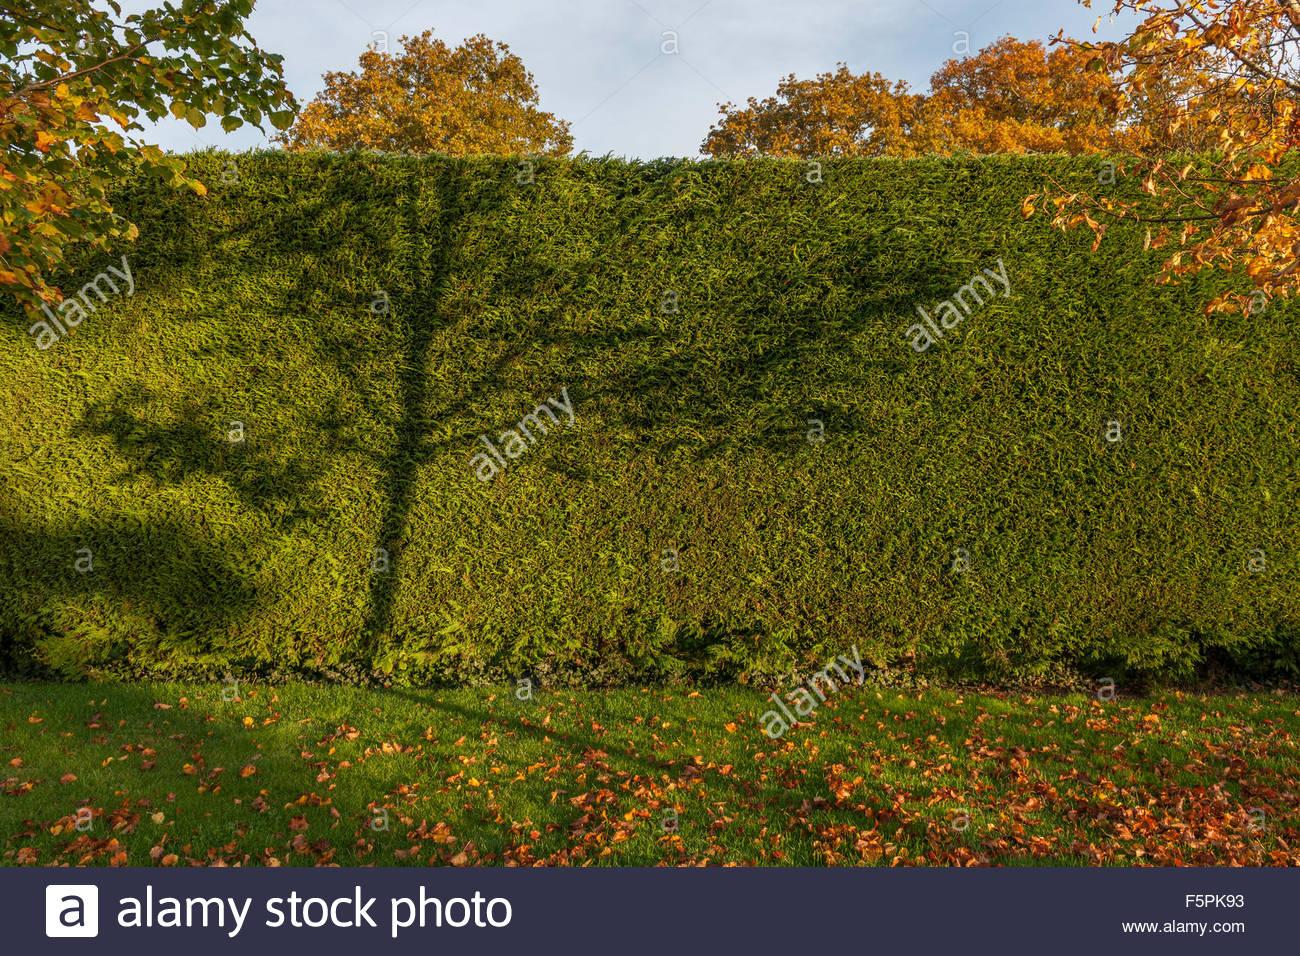 Leylandii hedge - Stock Image